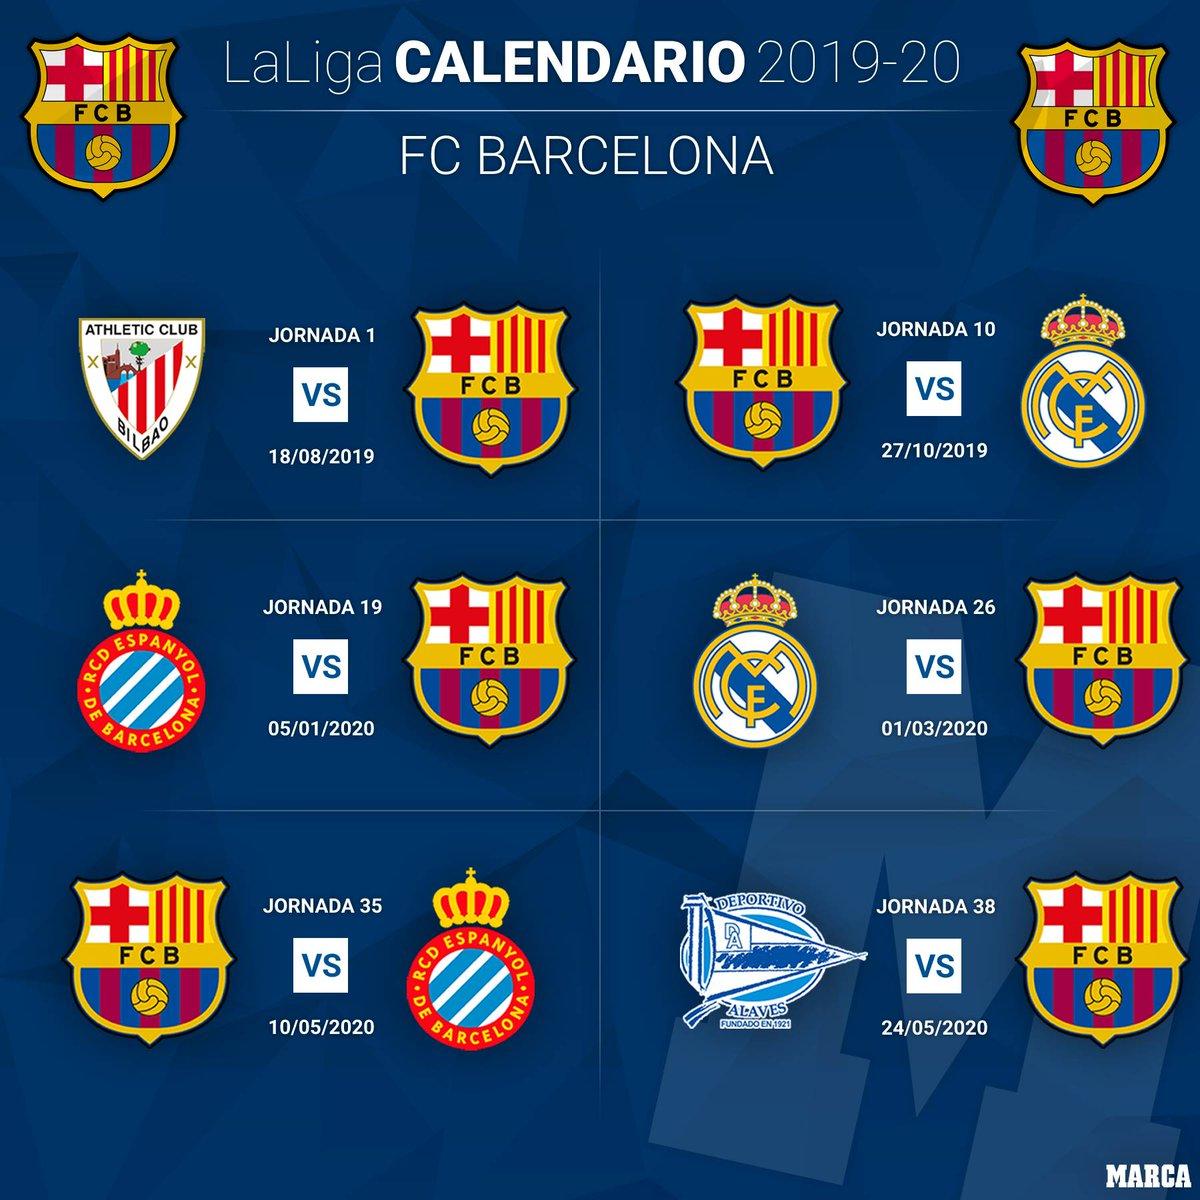 Calendario Del Barca.Marca On Twitter El Calendario Del Barca En 6 Fechas Todos